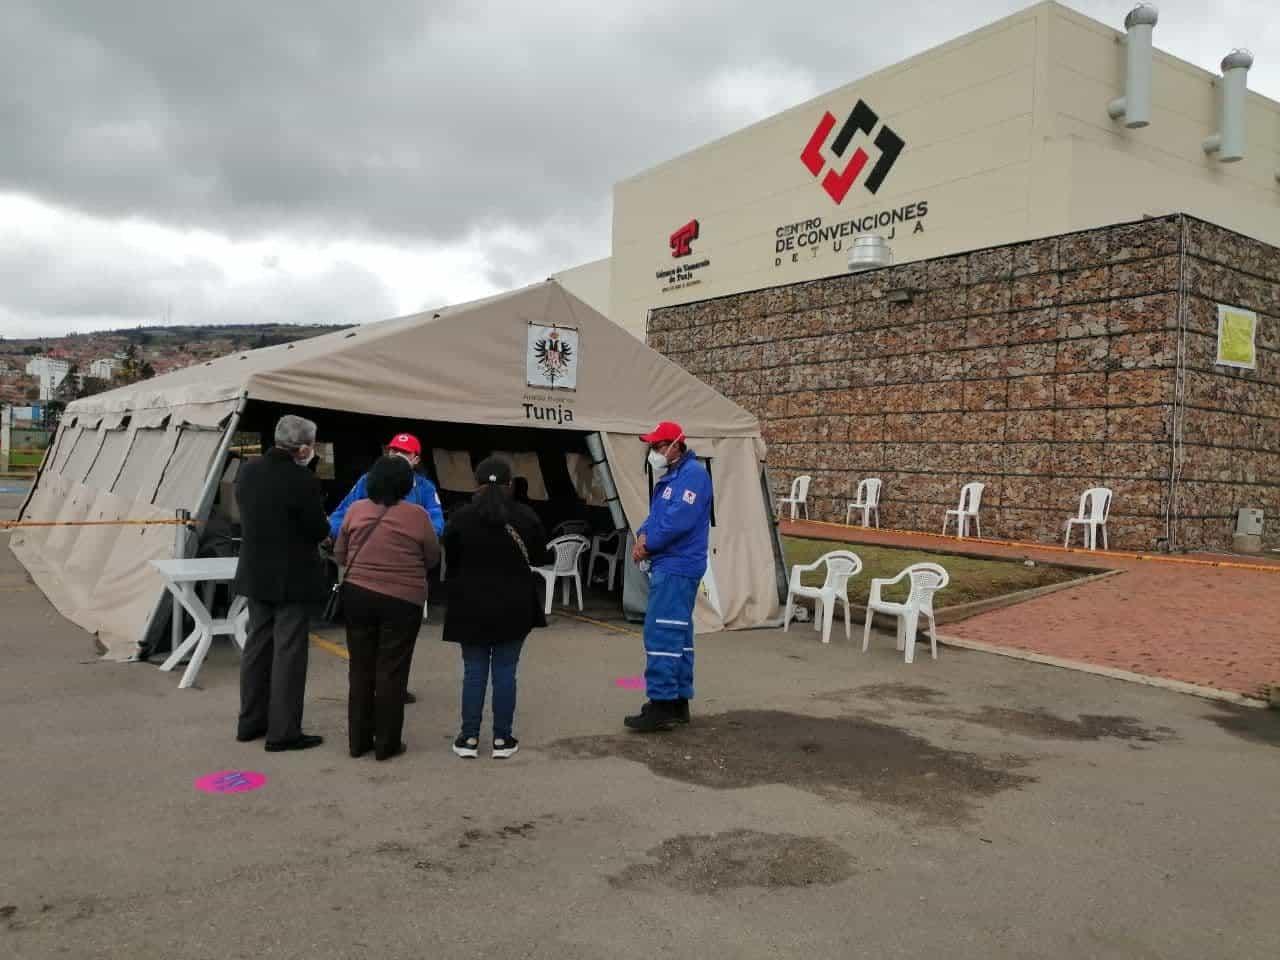 El centro de convenciones de Tunja se transformó en el punto de vacunación COVID de Boyacá 2